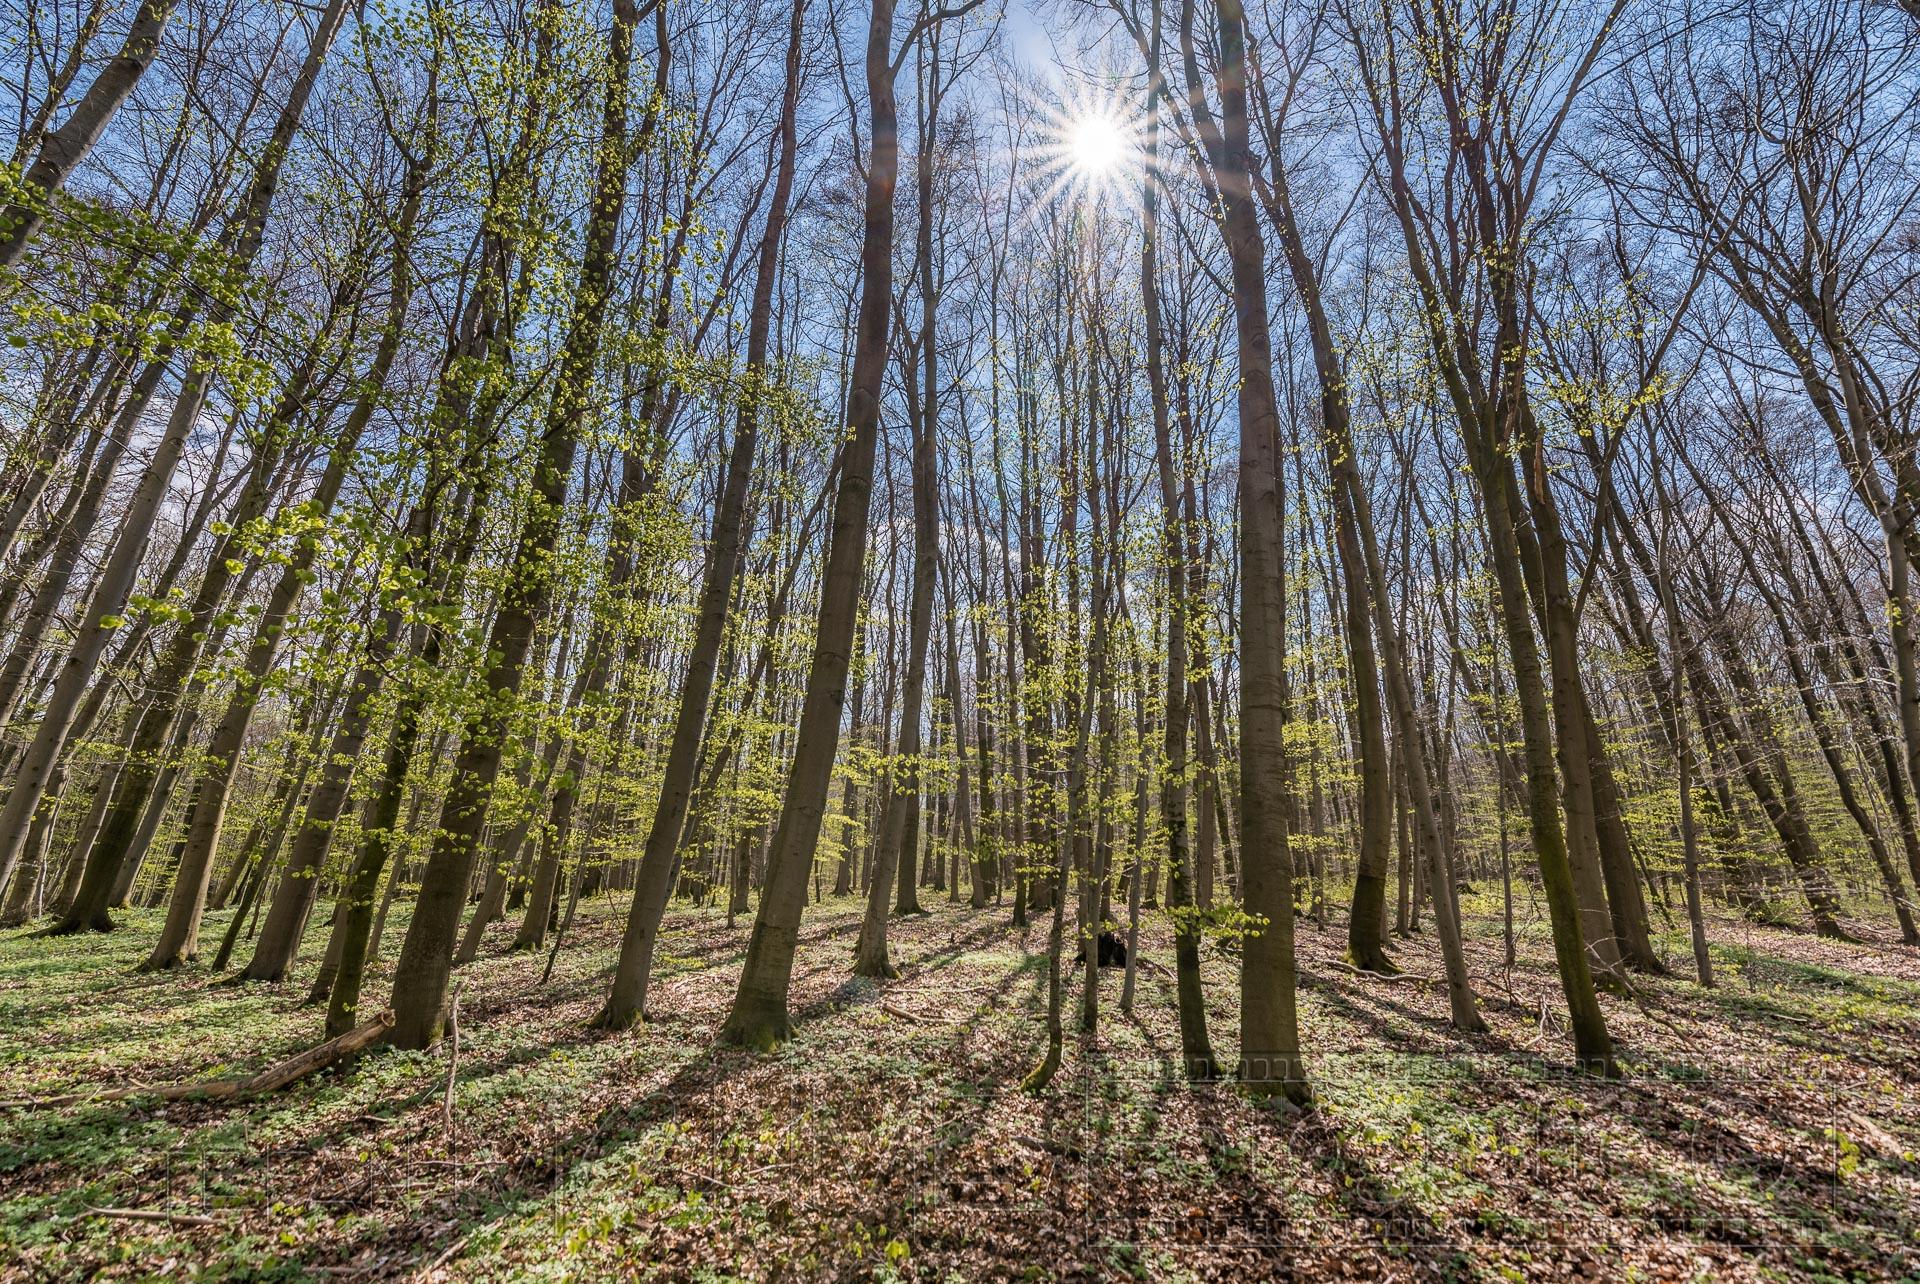 Wald,baeume,gegenlicht,sonne,natur,hainich